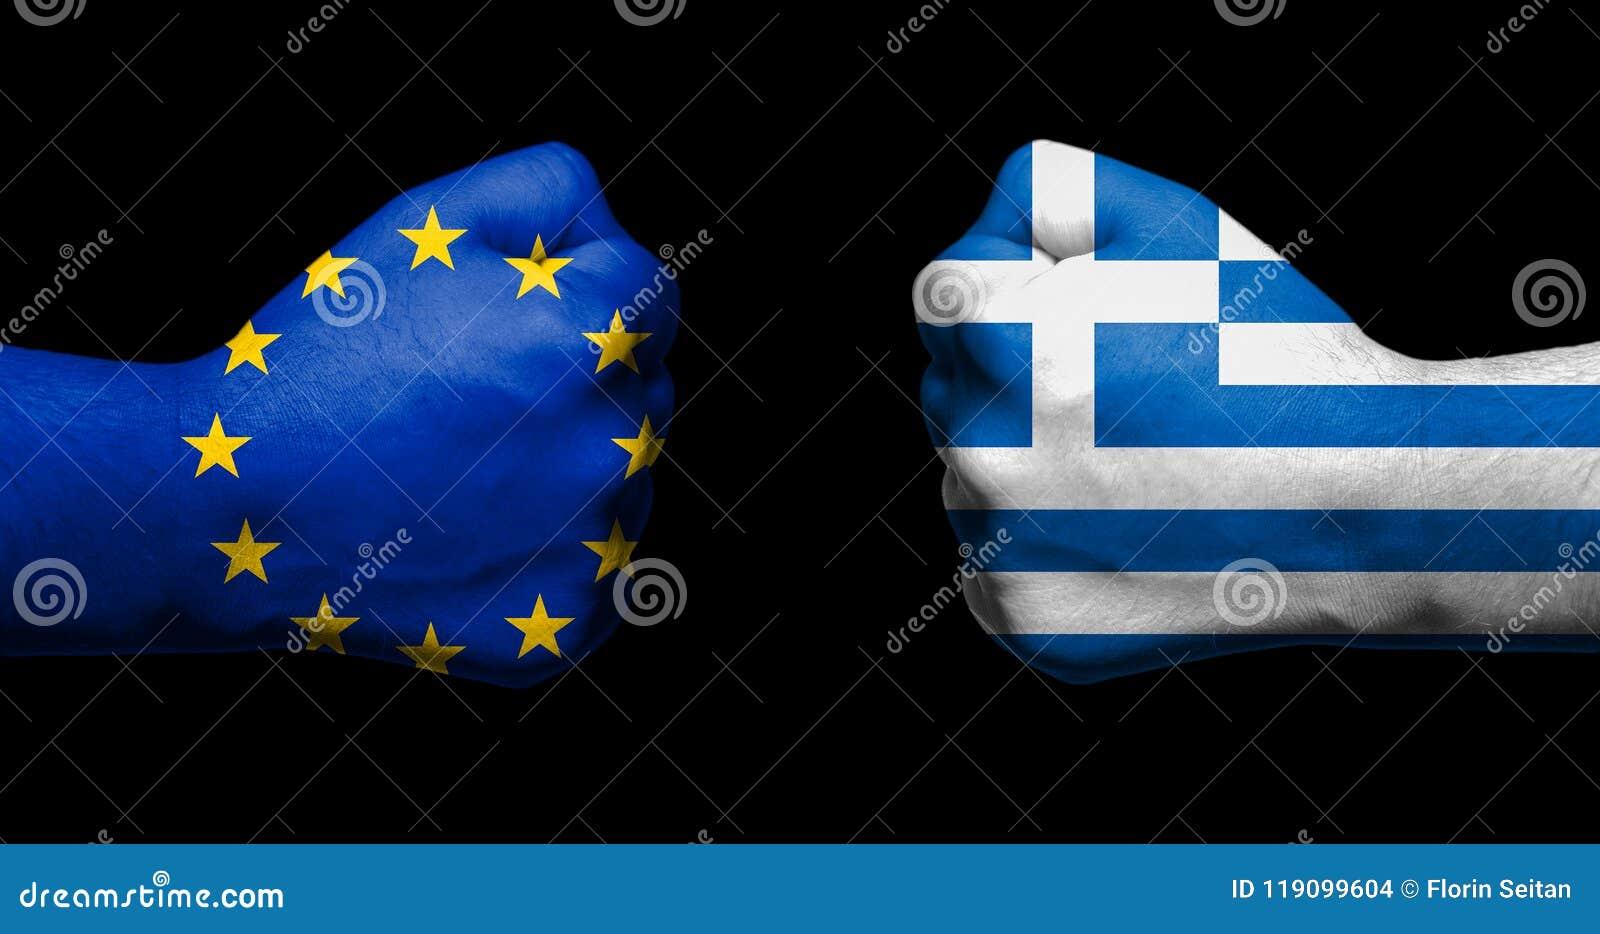 Σημαία της Ευρωπαϊκής Ένωσης και της Ελλάδας που χρωματίζονται σε δύο σφιγγμένες πυγμές